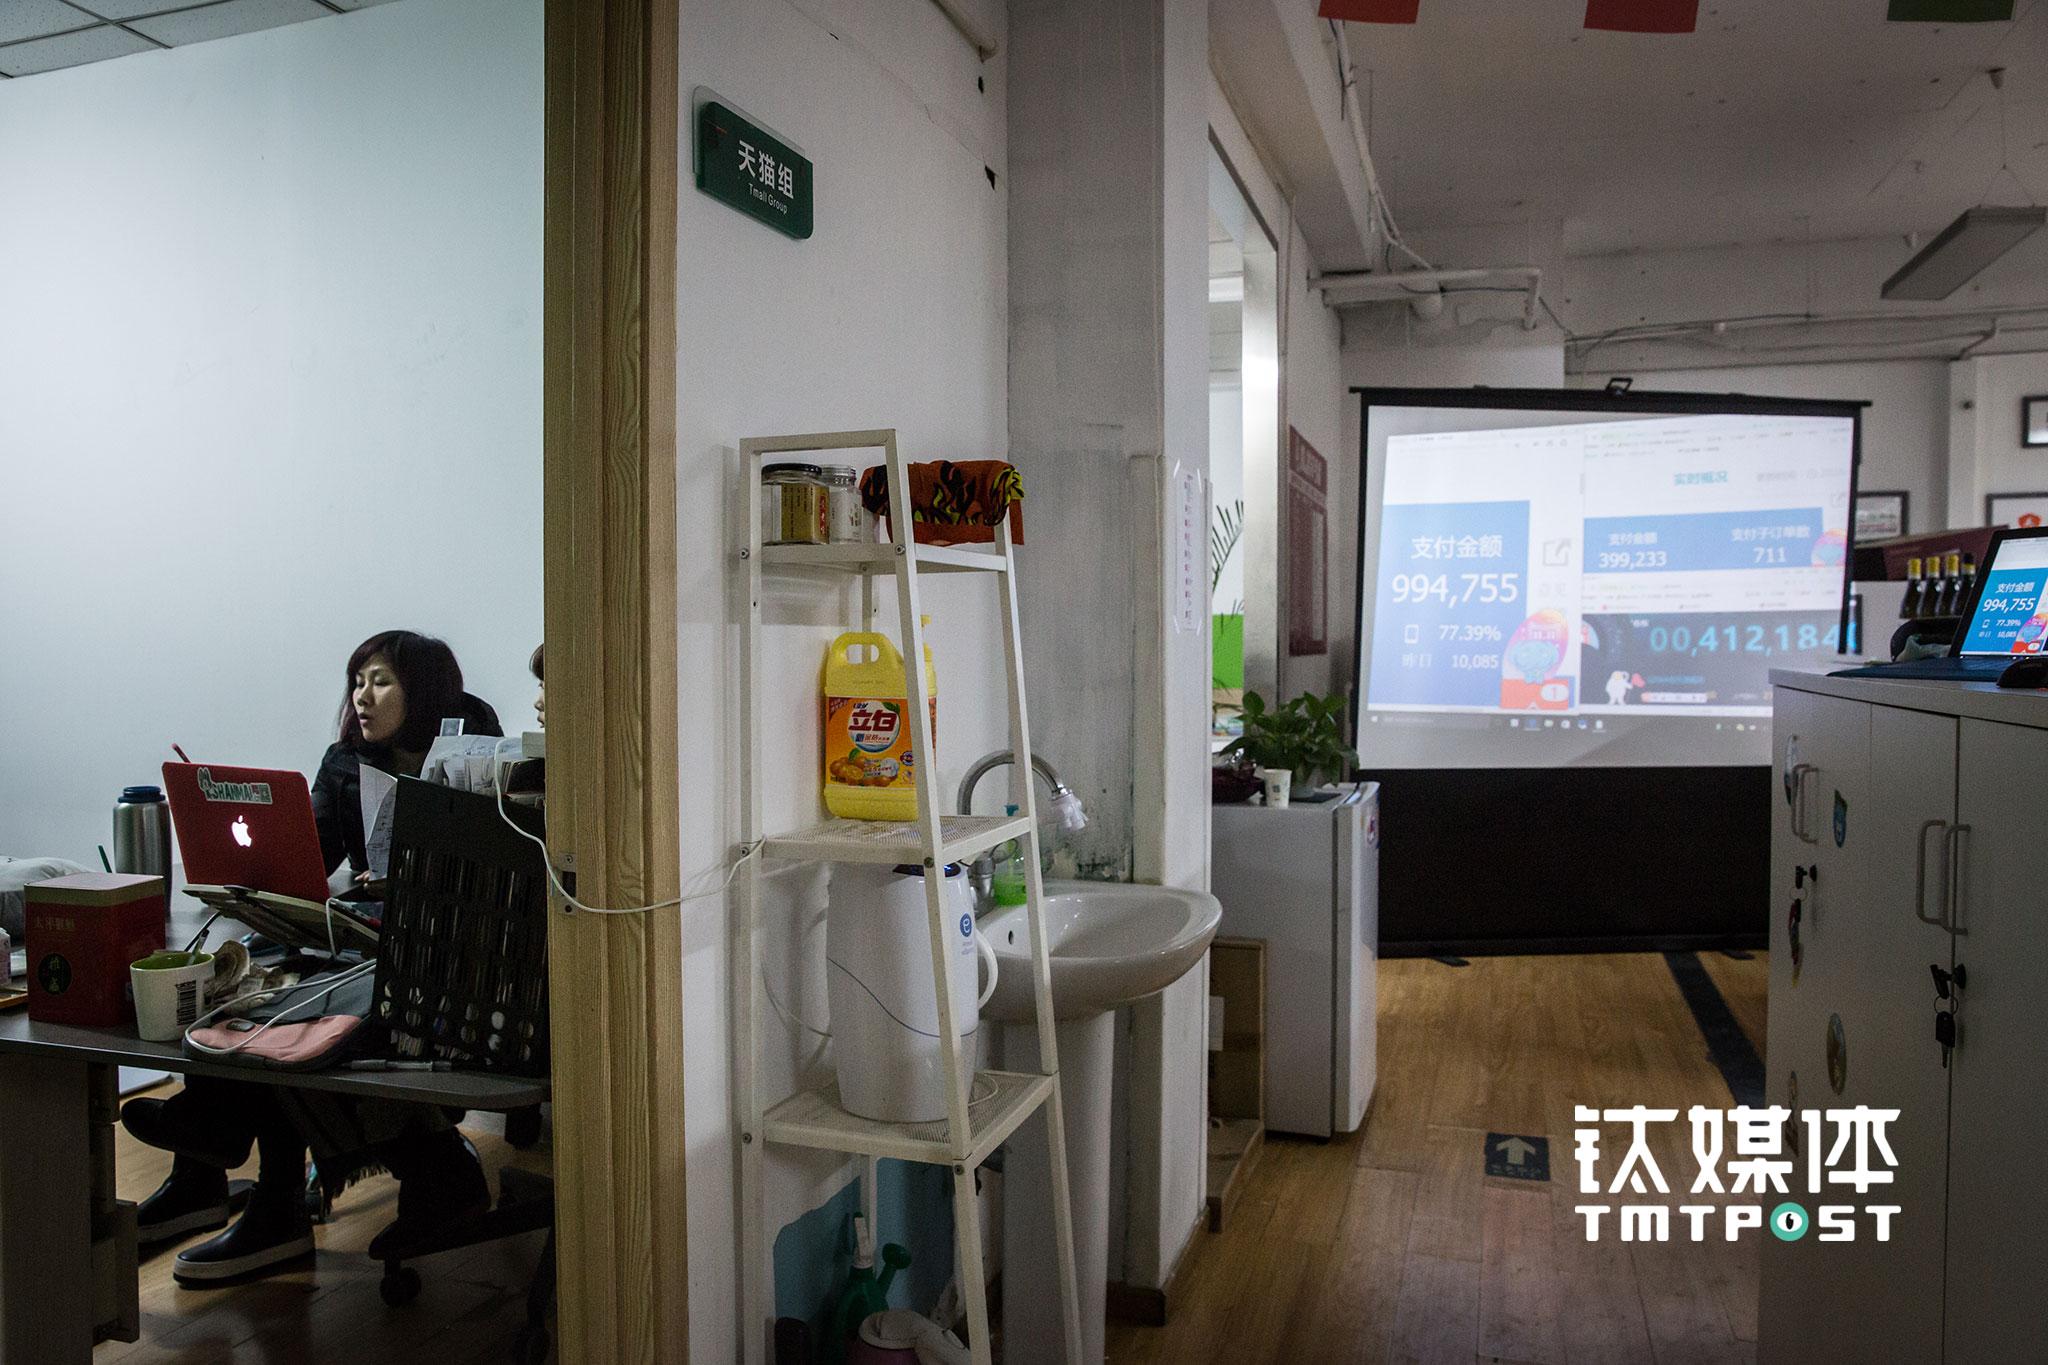 11月11日凌晨5:42,第一个100万还没到来,高伟娥和另一位合伙人在办公室自娱自乐唱起了歌,此时他们最大的一家店铺在天猫的成交量为99.47万。